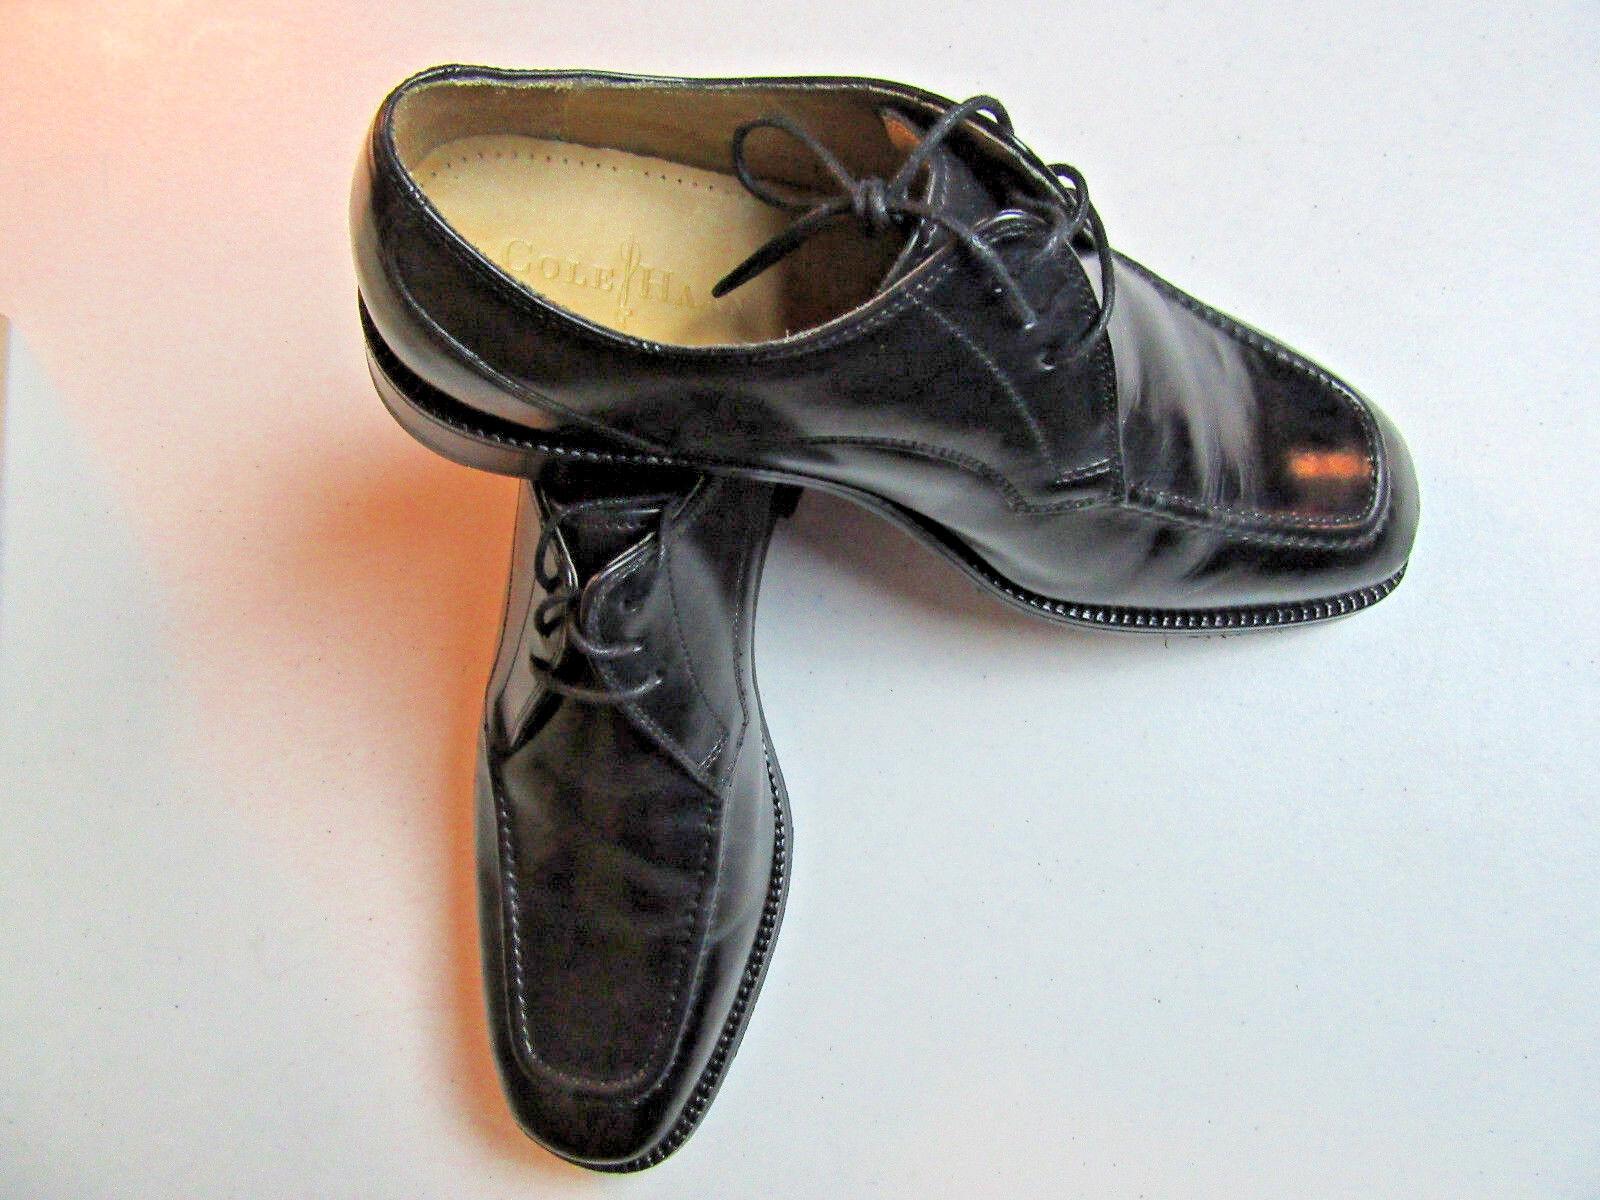 175 Nouveau Cole Haan Eaton Moc Toe Lace Up Chaussures Avec Combinaison Semelle en Noir 9 m